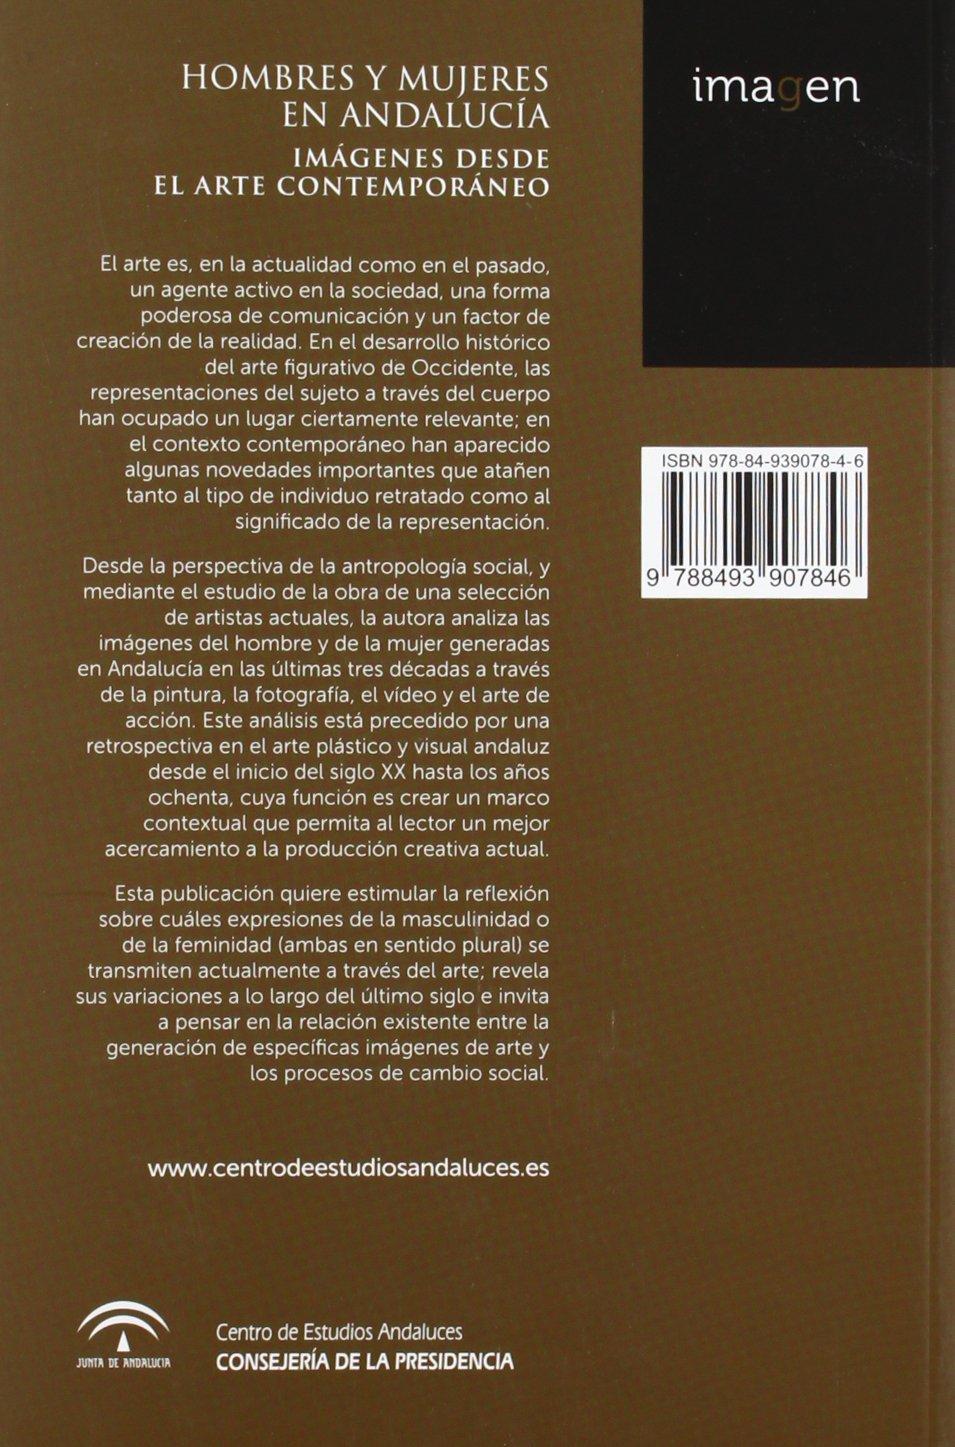 Hombres y mujeres en Andalucía: Imágenes desde el arte contemporáneo Imagen: Amazon.es: Elena Sacchetti Osti: Libros